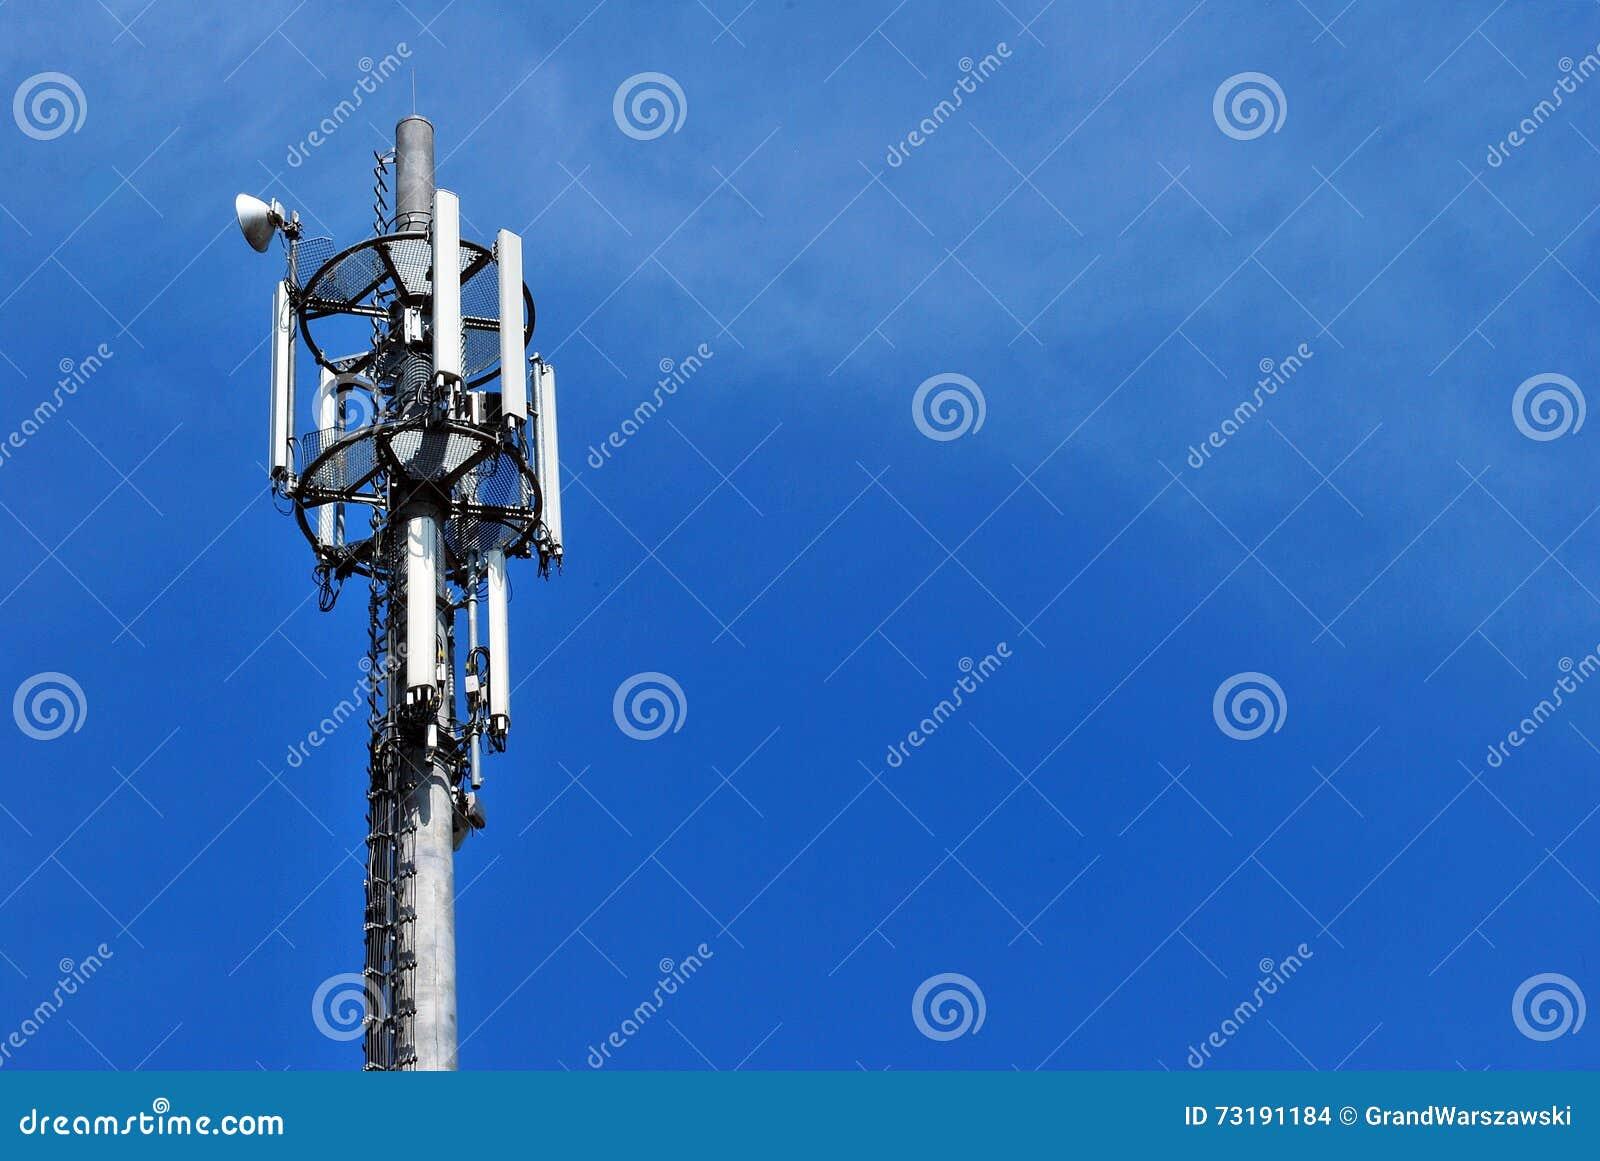 Башня антенны связи